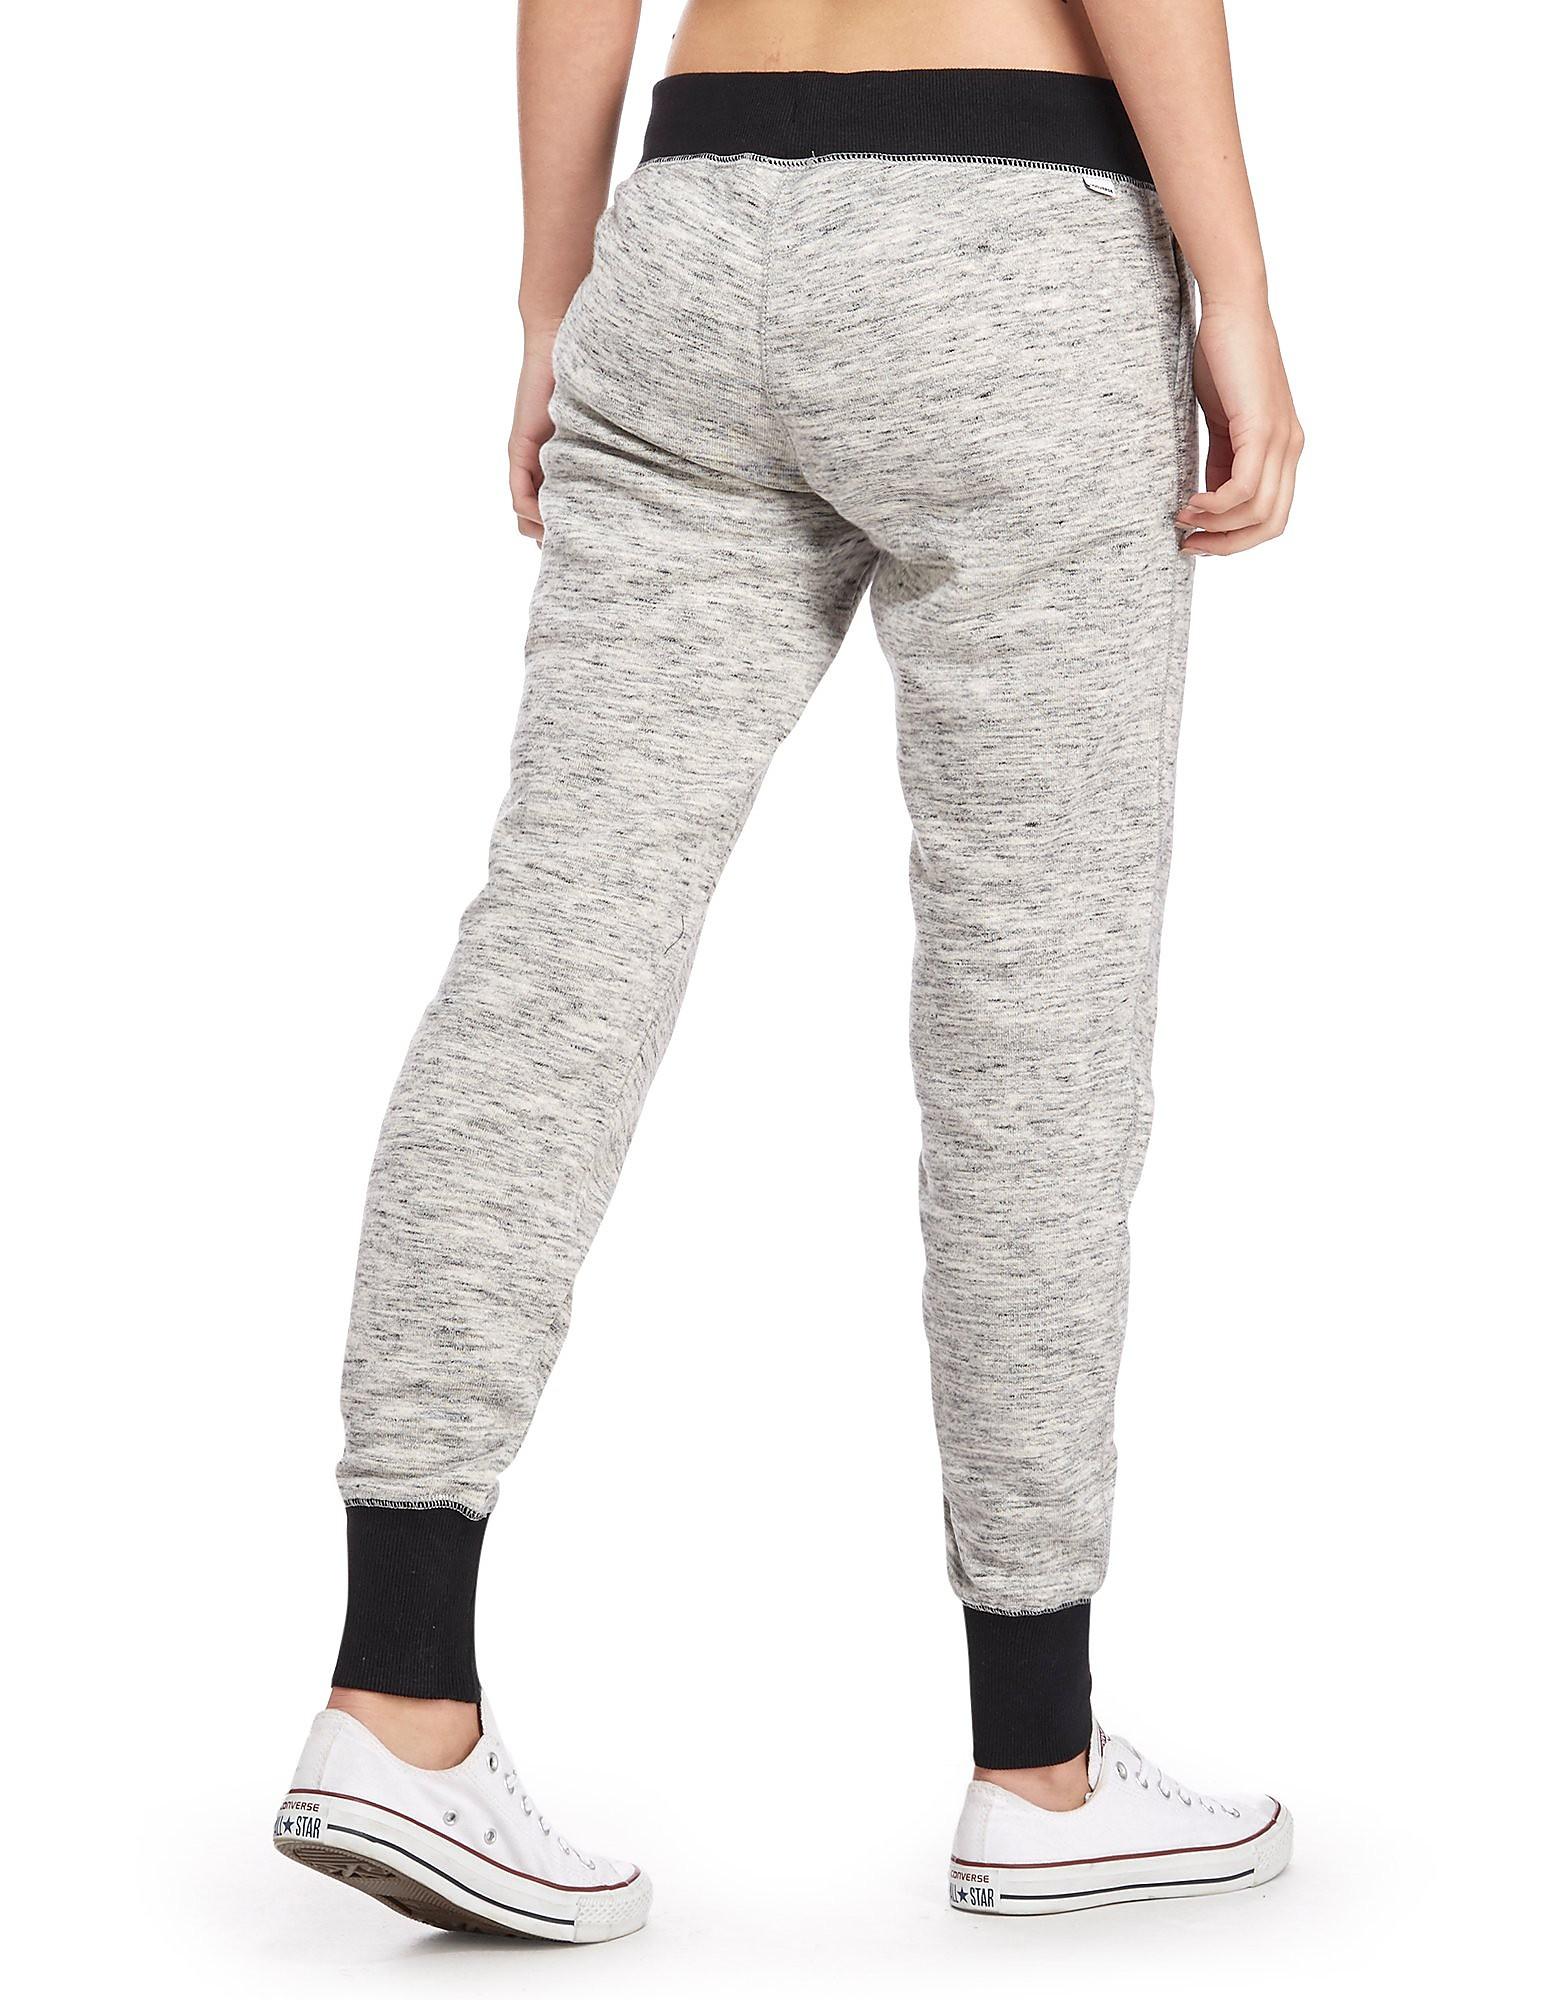 Converse Space Dye Pants